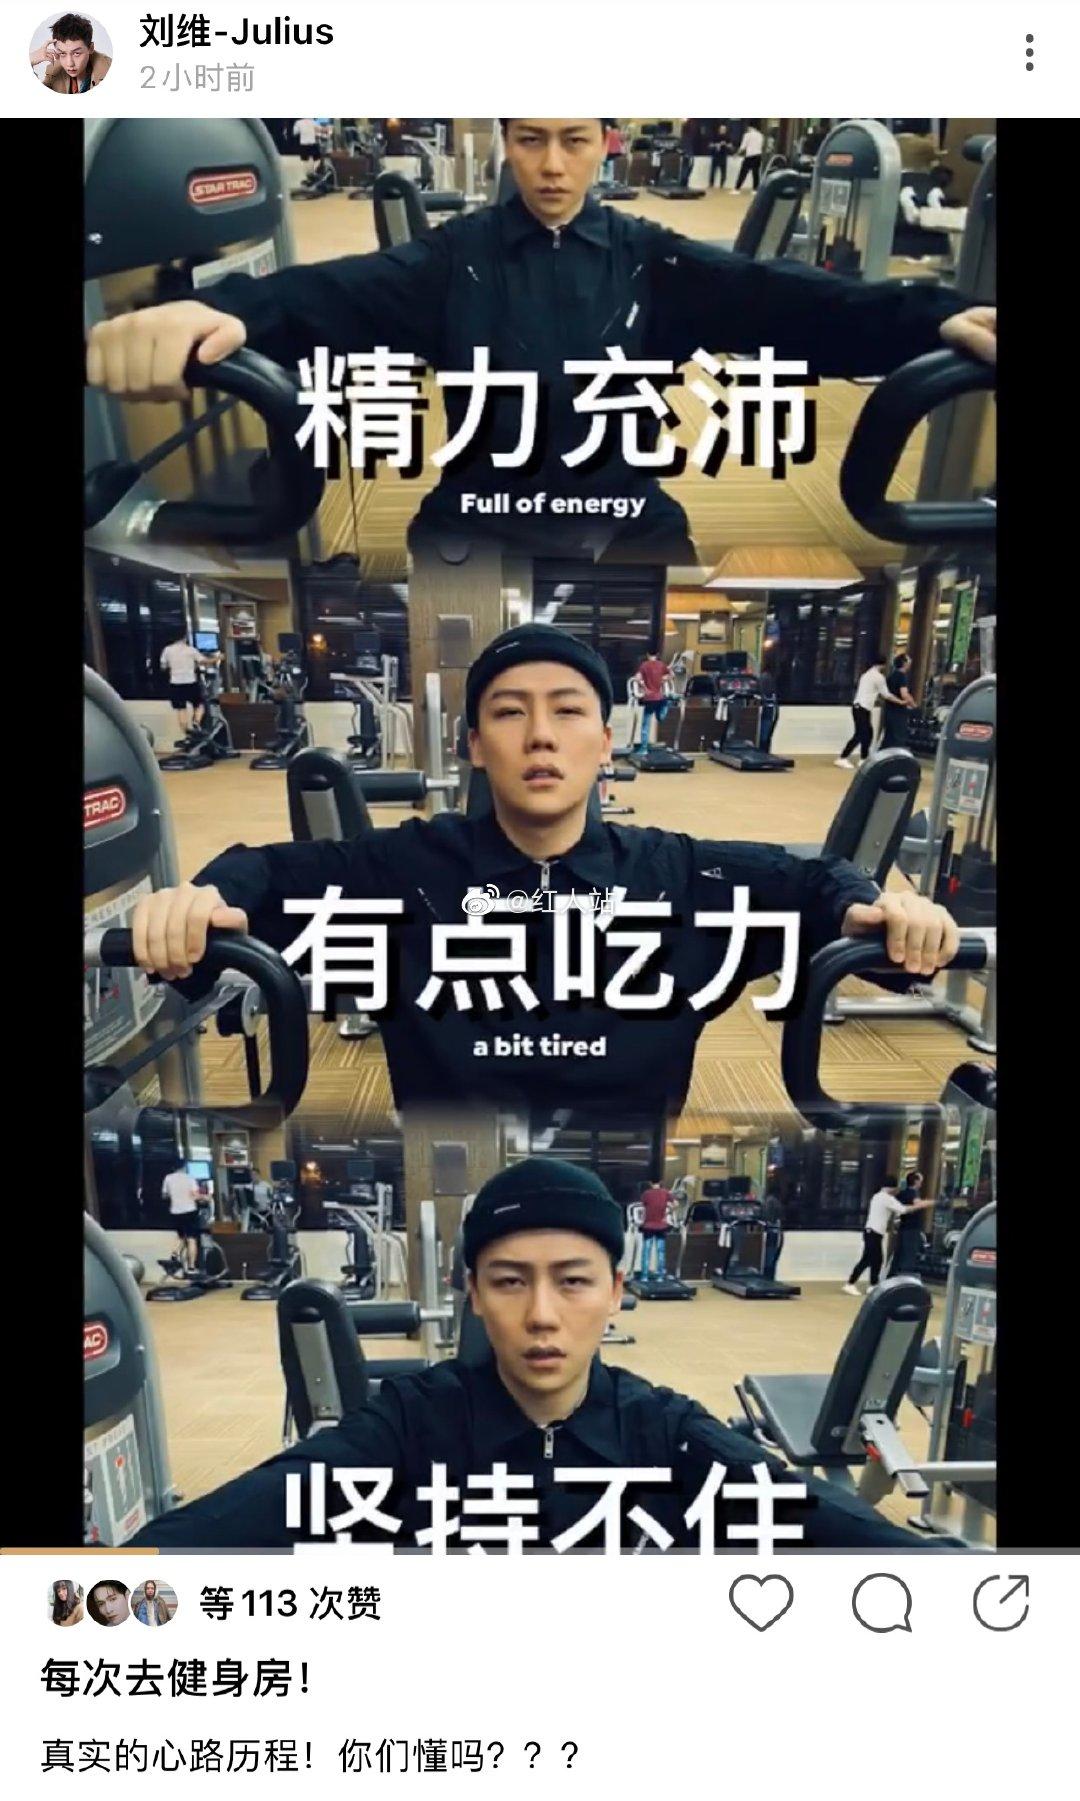 @刘维-Julius 绿洲更新,晒出冬季健身三连系列表情包